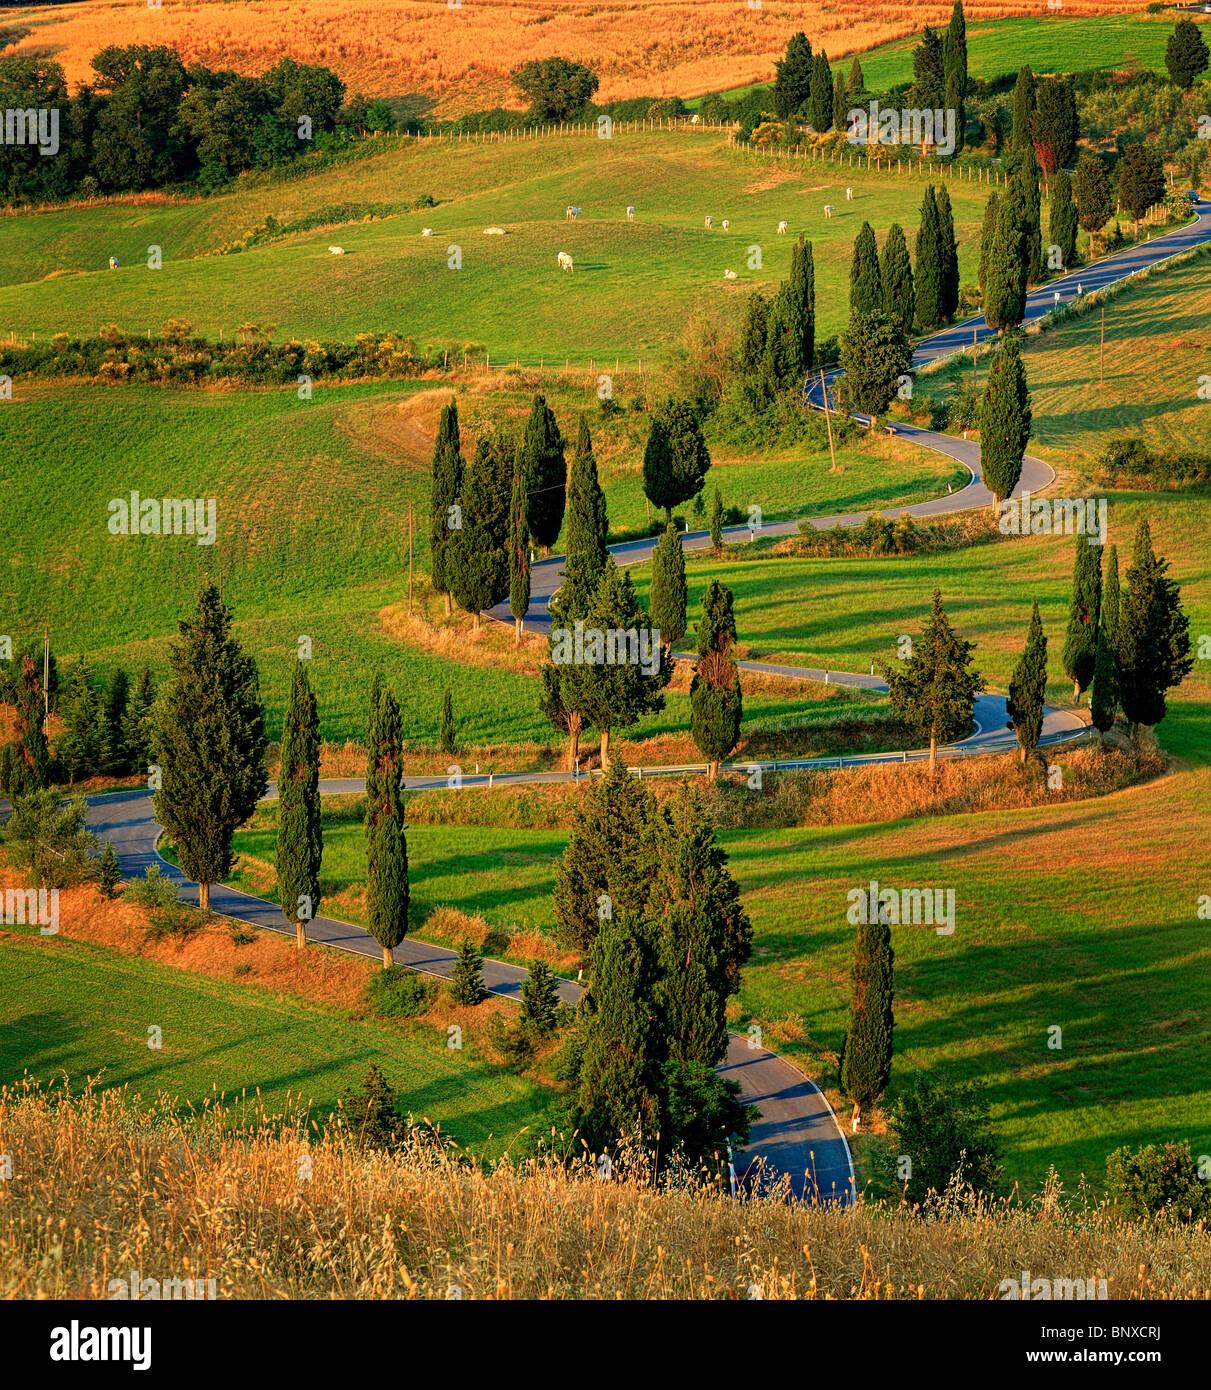 Sinuoso camino rural cerca de la ciudad toscana de Monticchiello Italia Imagen De Stock